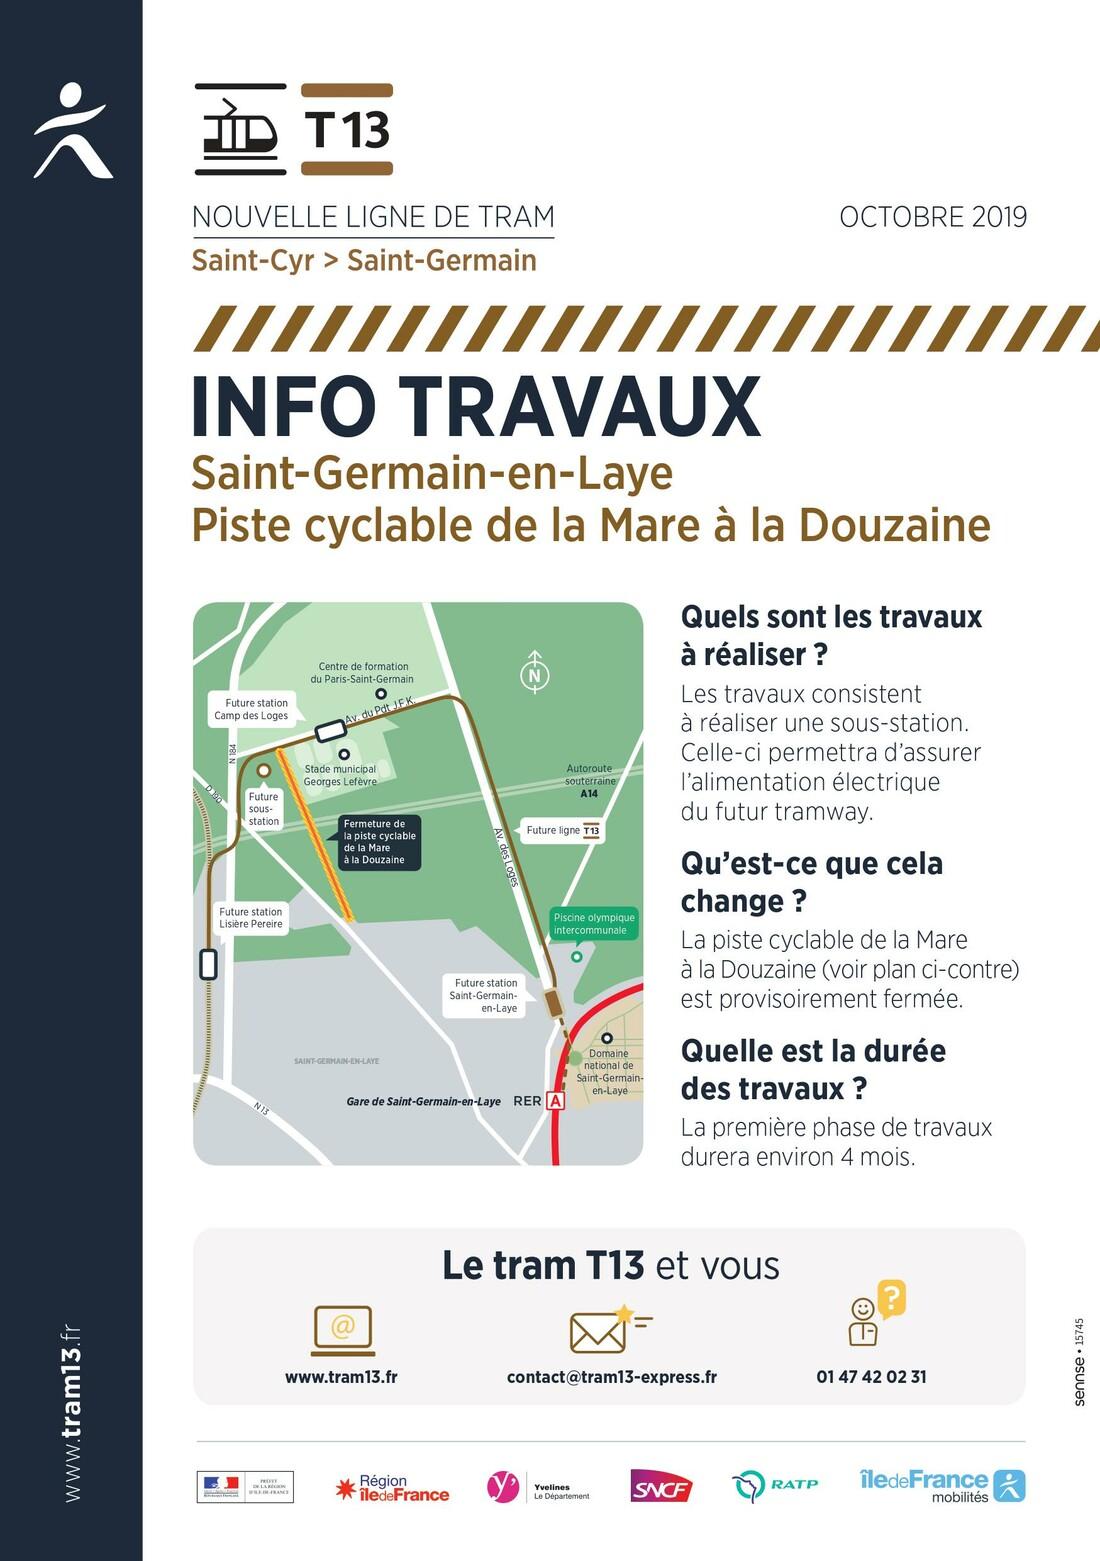 Plan de fermeture provisoire de la piste cyclable de la Mare à la Douzaine